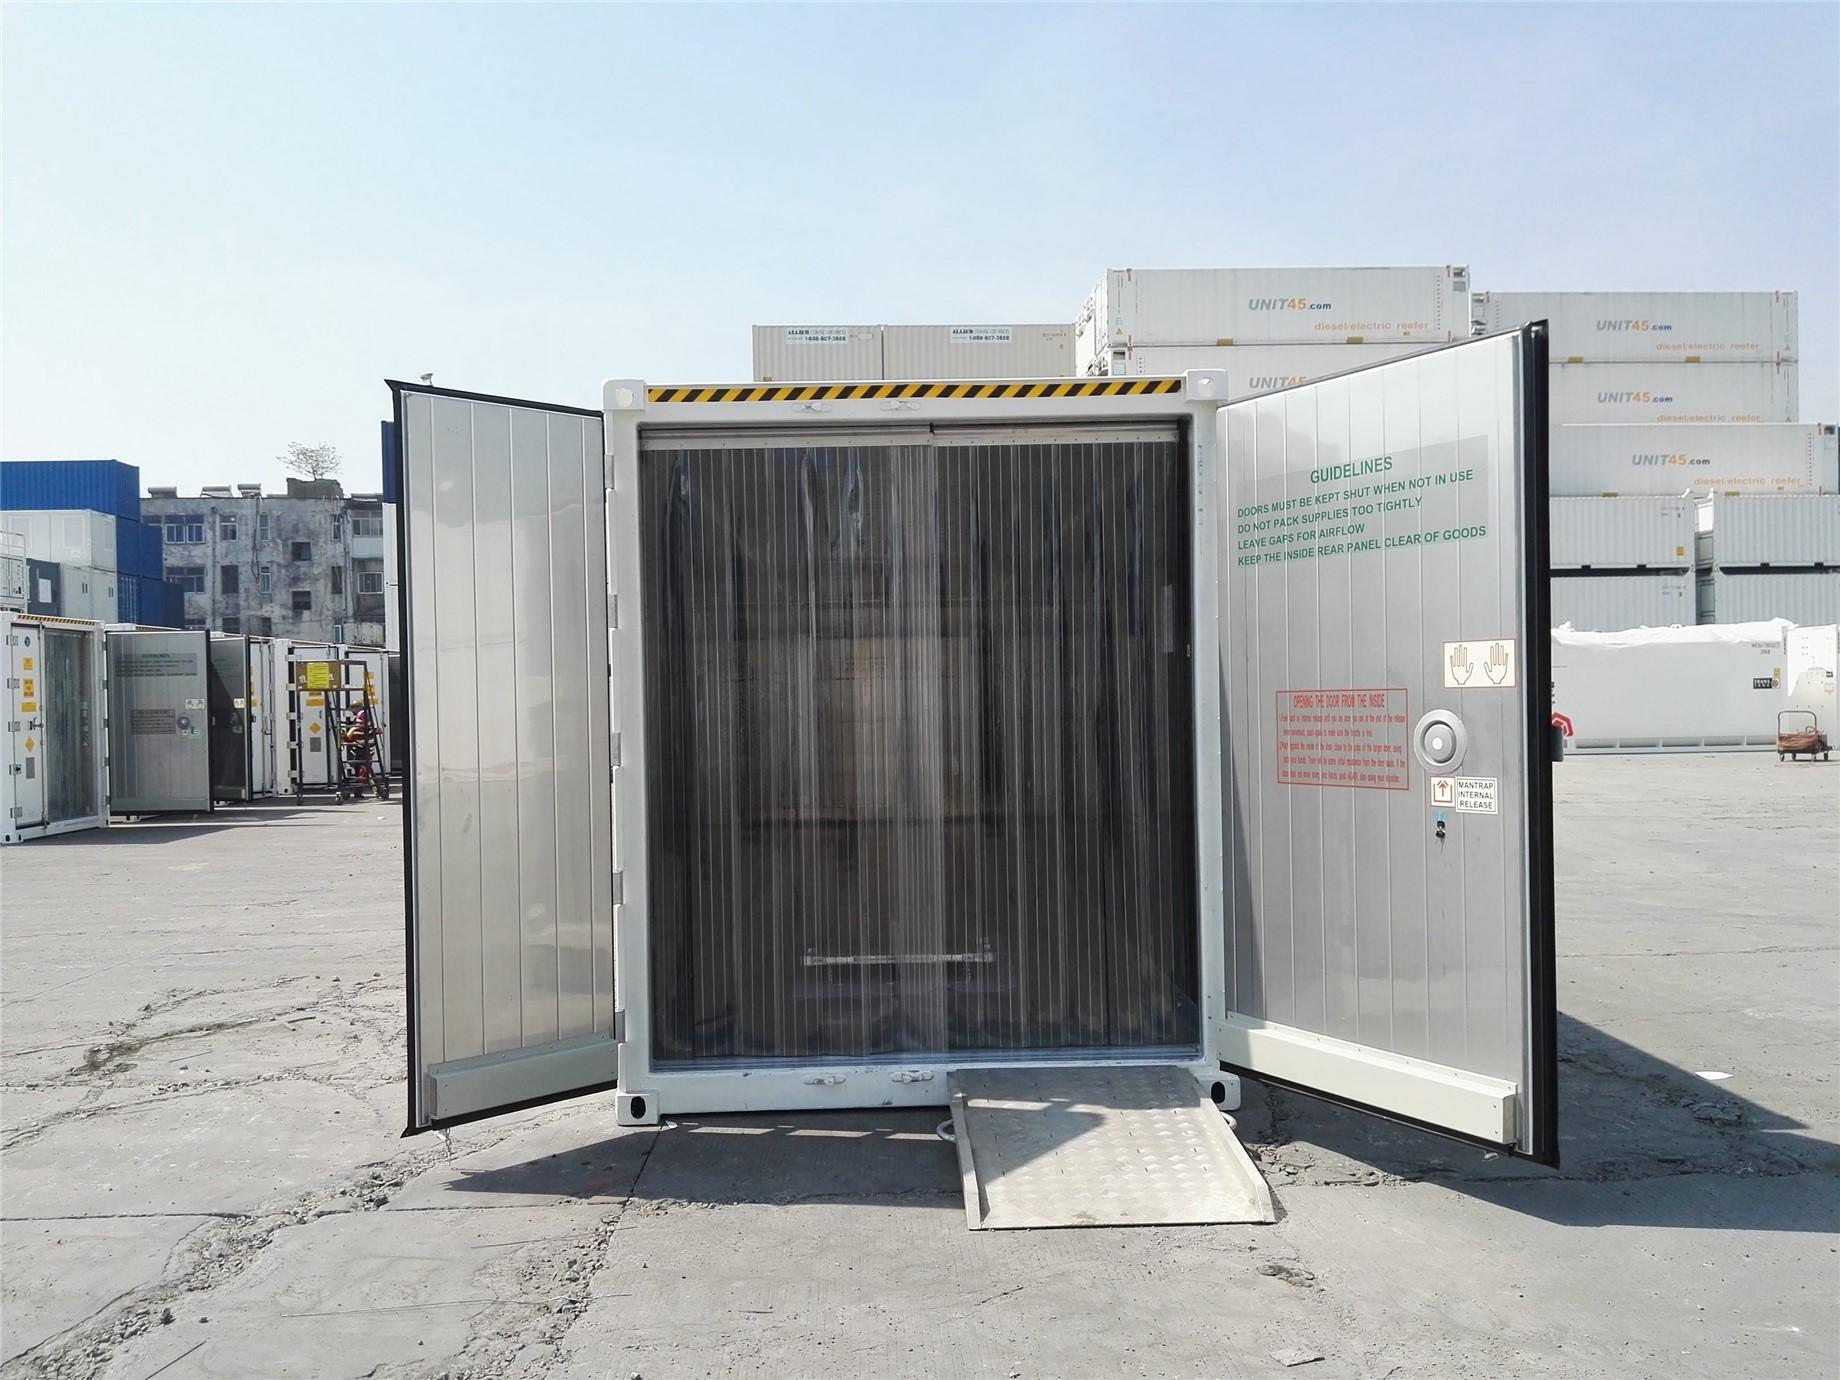 40' (12 m) ArcticStore, kapılar açık, önden görünümü